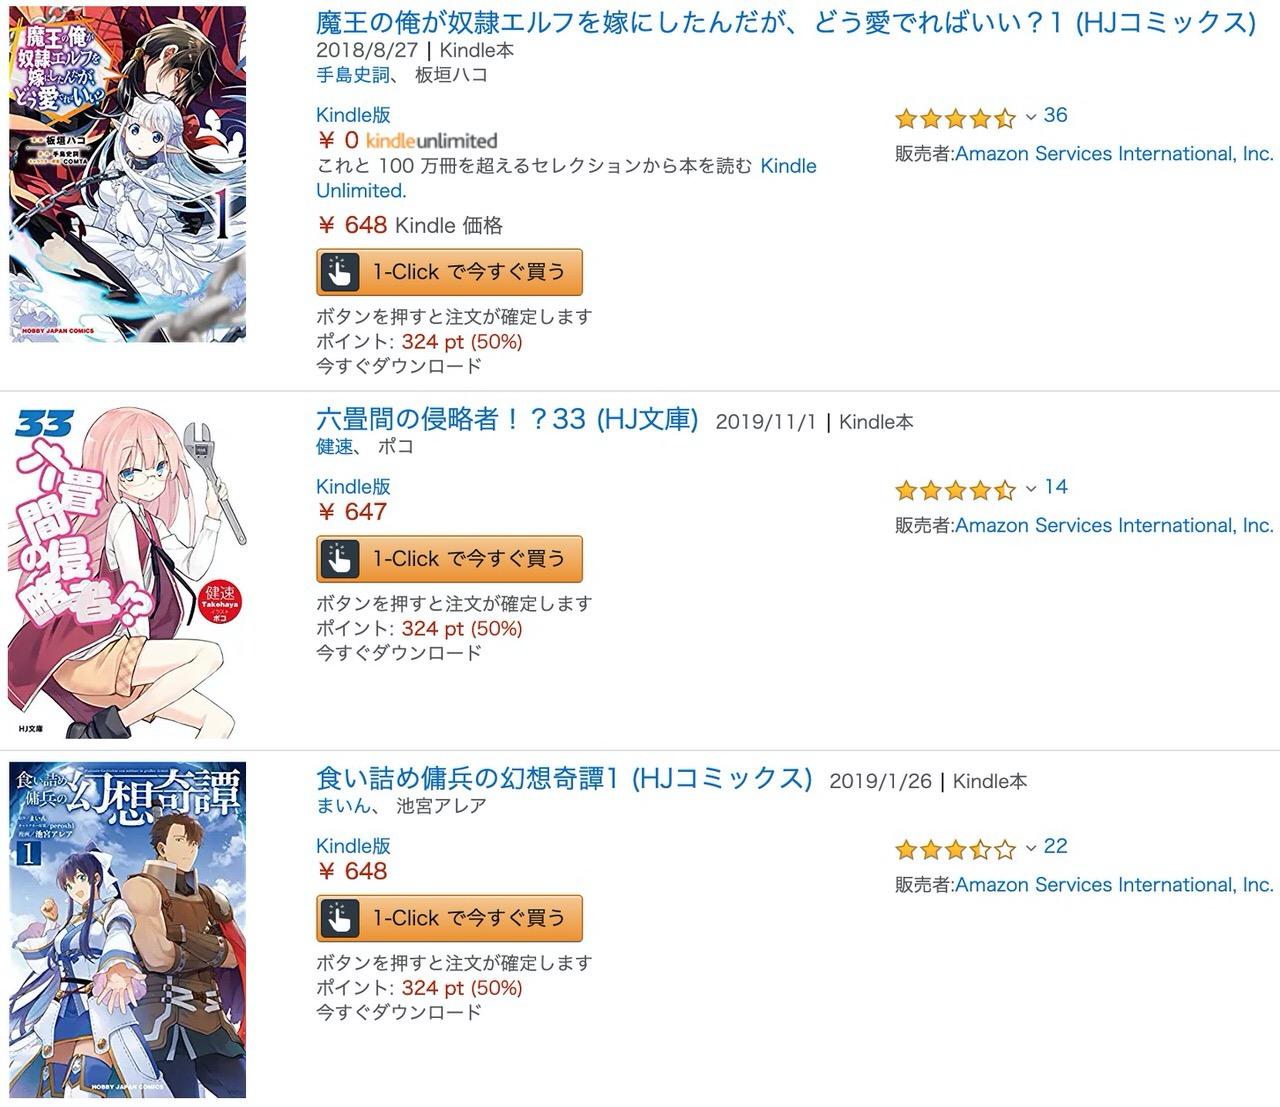 【Kindleセール】1,000冊以上が50%ポイント還元「ホビージャパン 全点50%ポイントバックキャンペーン!」開催中(3/26まで)